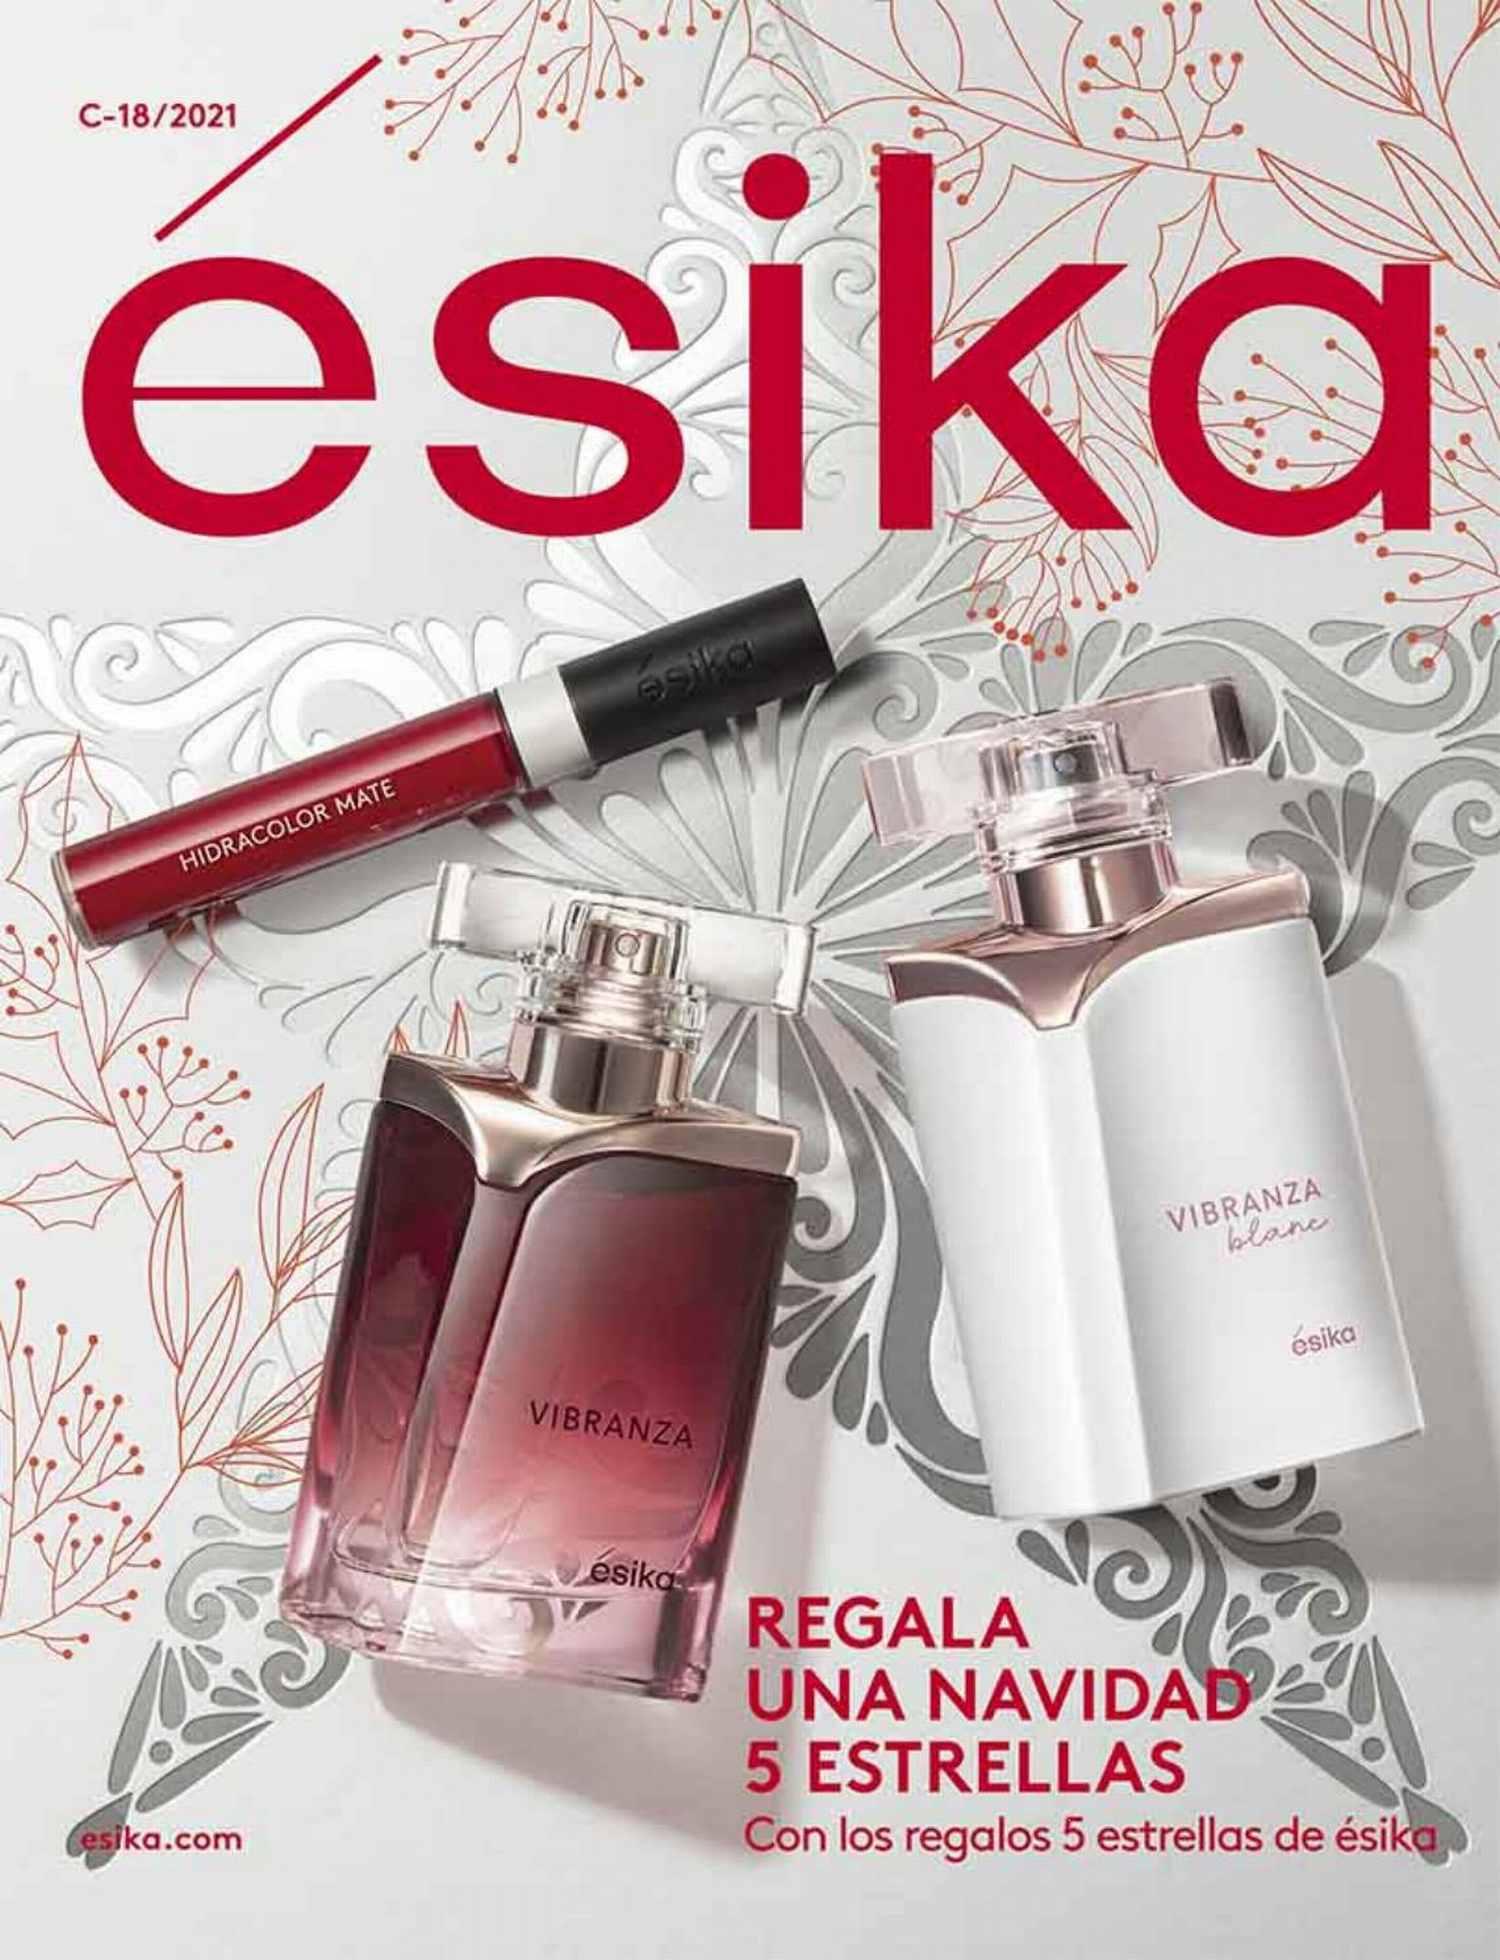 Catálogo Esika Campaña 18 2021 México